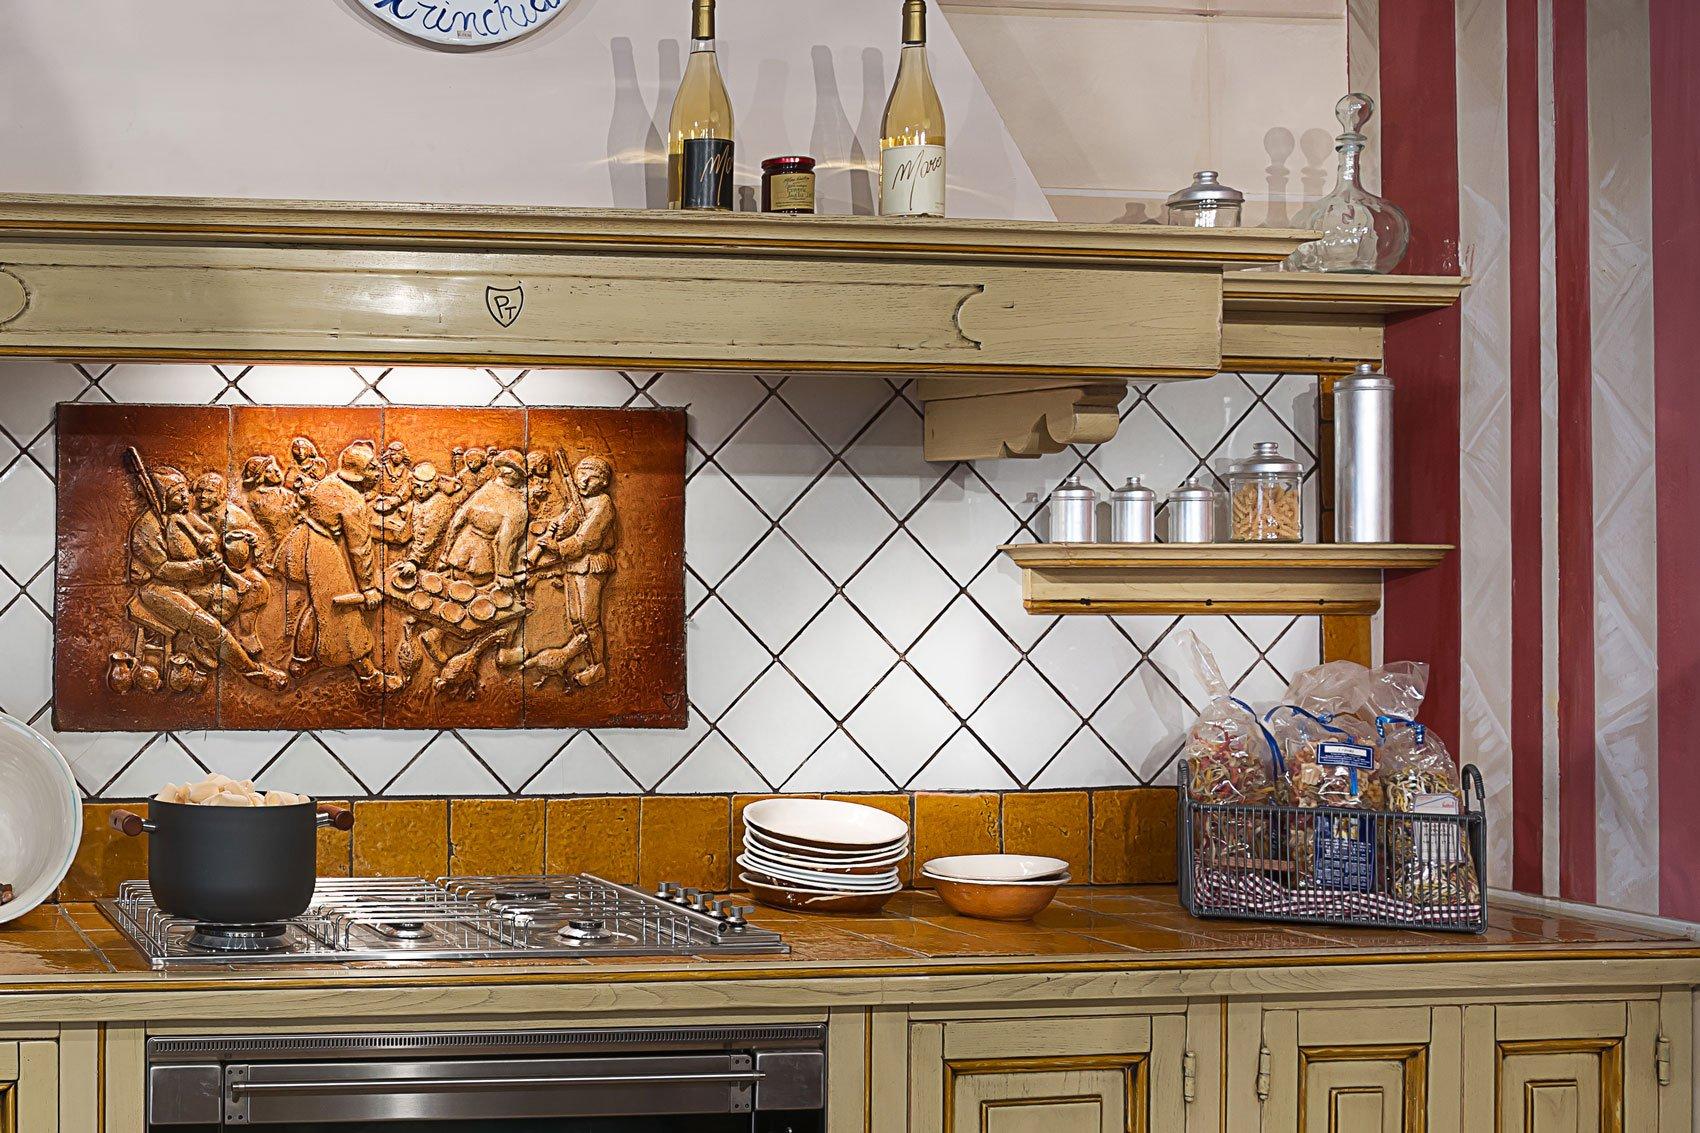 Scegliere le piastrelle per le pareti della cucina cose - Mattonelle per cucina ...